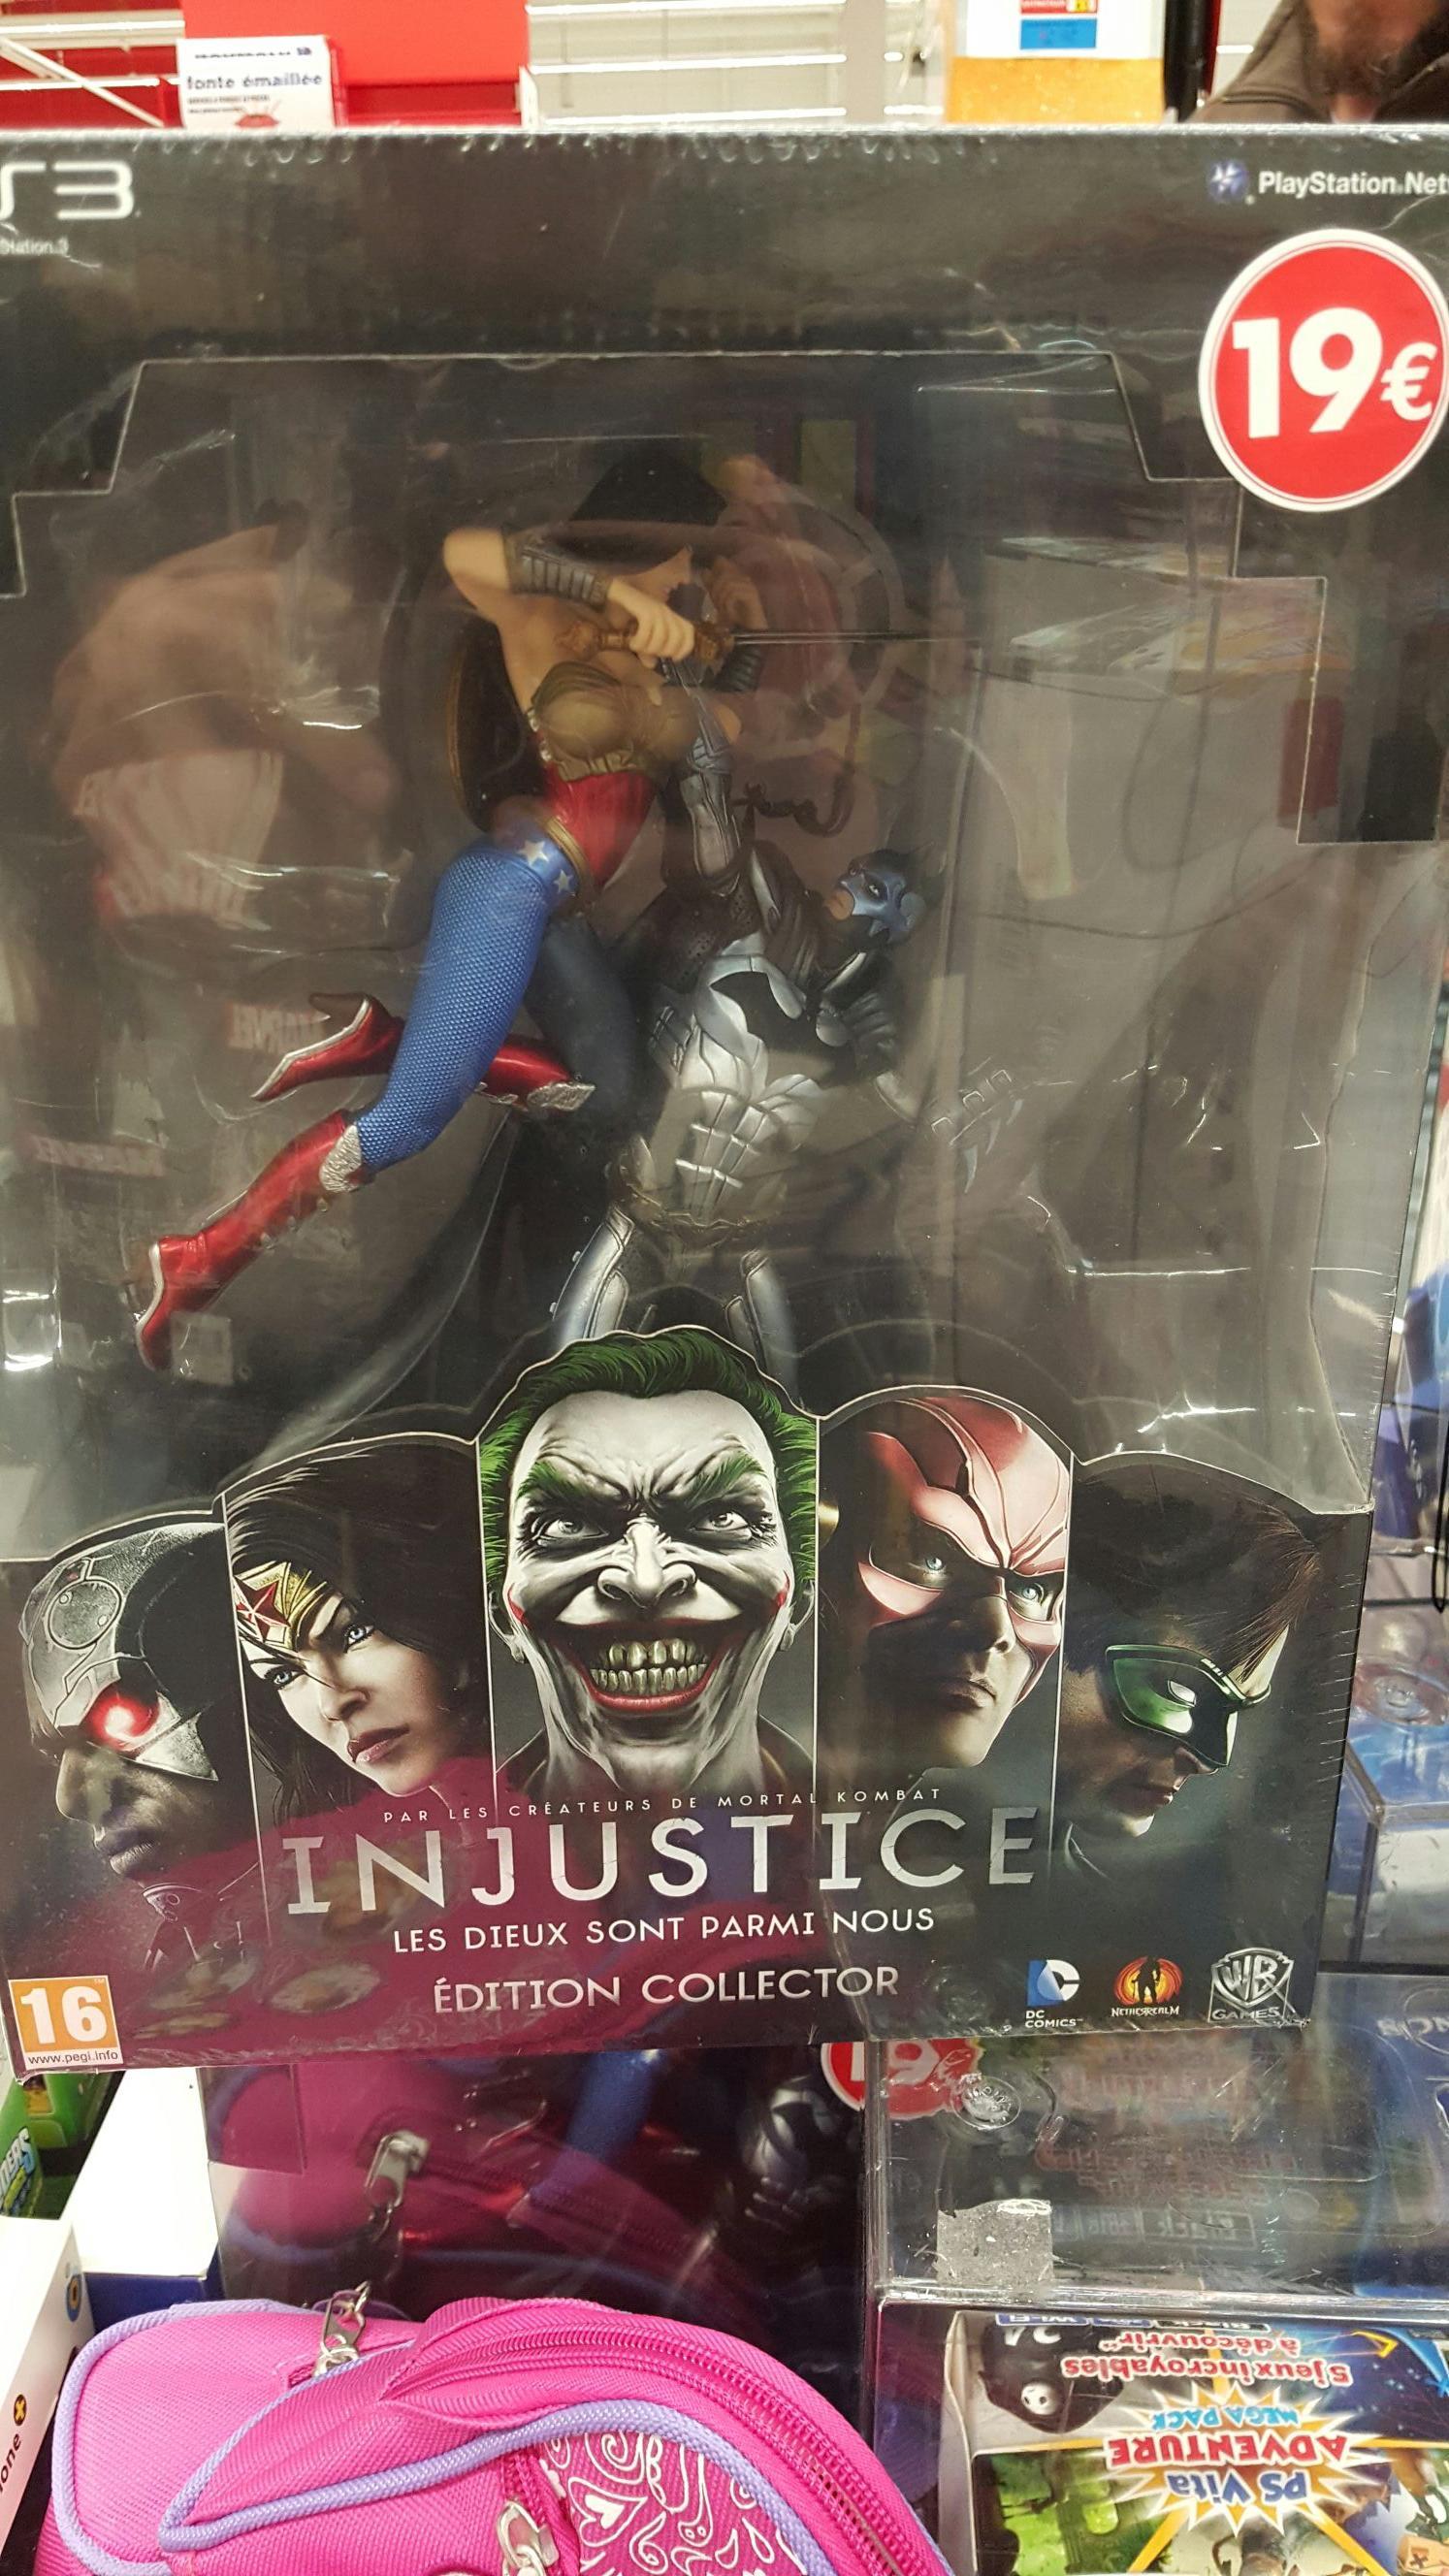 Injustice : Les Dieux Sont Parmi Nous - Edition Collector sur PS3